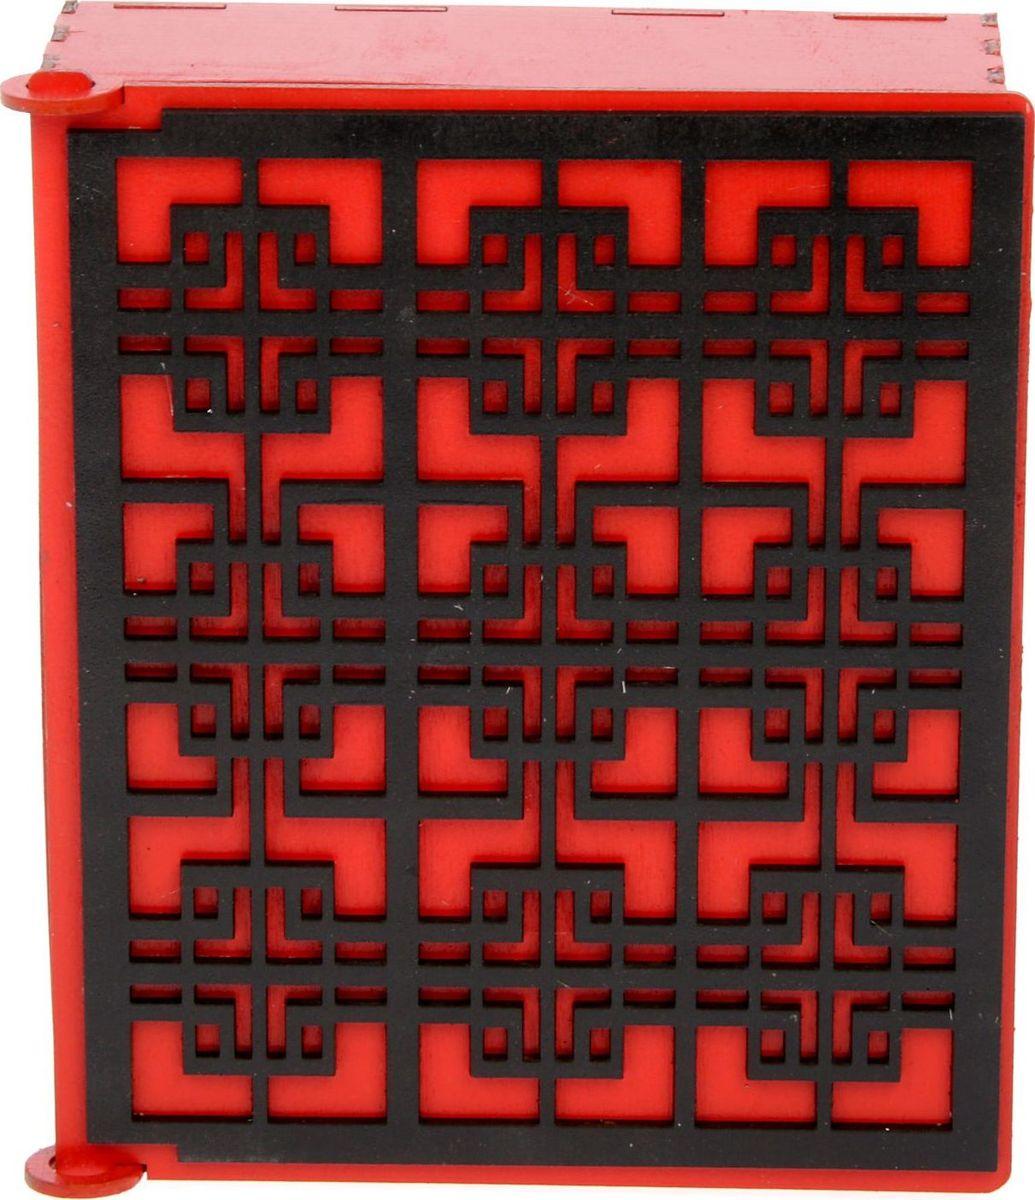 Ключница настенная Канышевы в китайском стиле, 17,5 х 25 х 7 см1889698Постоянно теряете ключи, когда куда-то торопитесь? Тогда этот товар — именно то, что вам нужно! Каковы его плюсы? - незаменимый помощник и стильный предмет декора прихожей - экономия времени на поиск ключей, которые вам больше терять не придётся - комфортное хранение ещё и других важных мелочей, которые любят пропадать - порядок и сохранность ваших вещей. Ключница — очень полезная вещь, которая помогает поддерживать порядок в вашем доме.